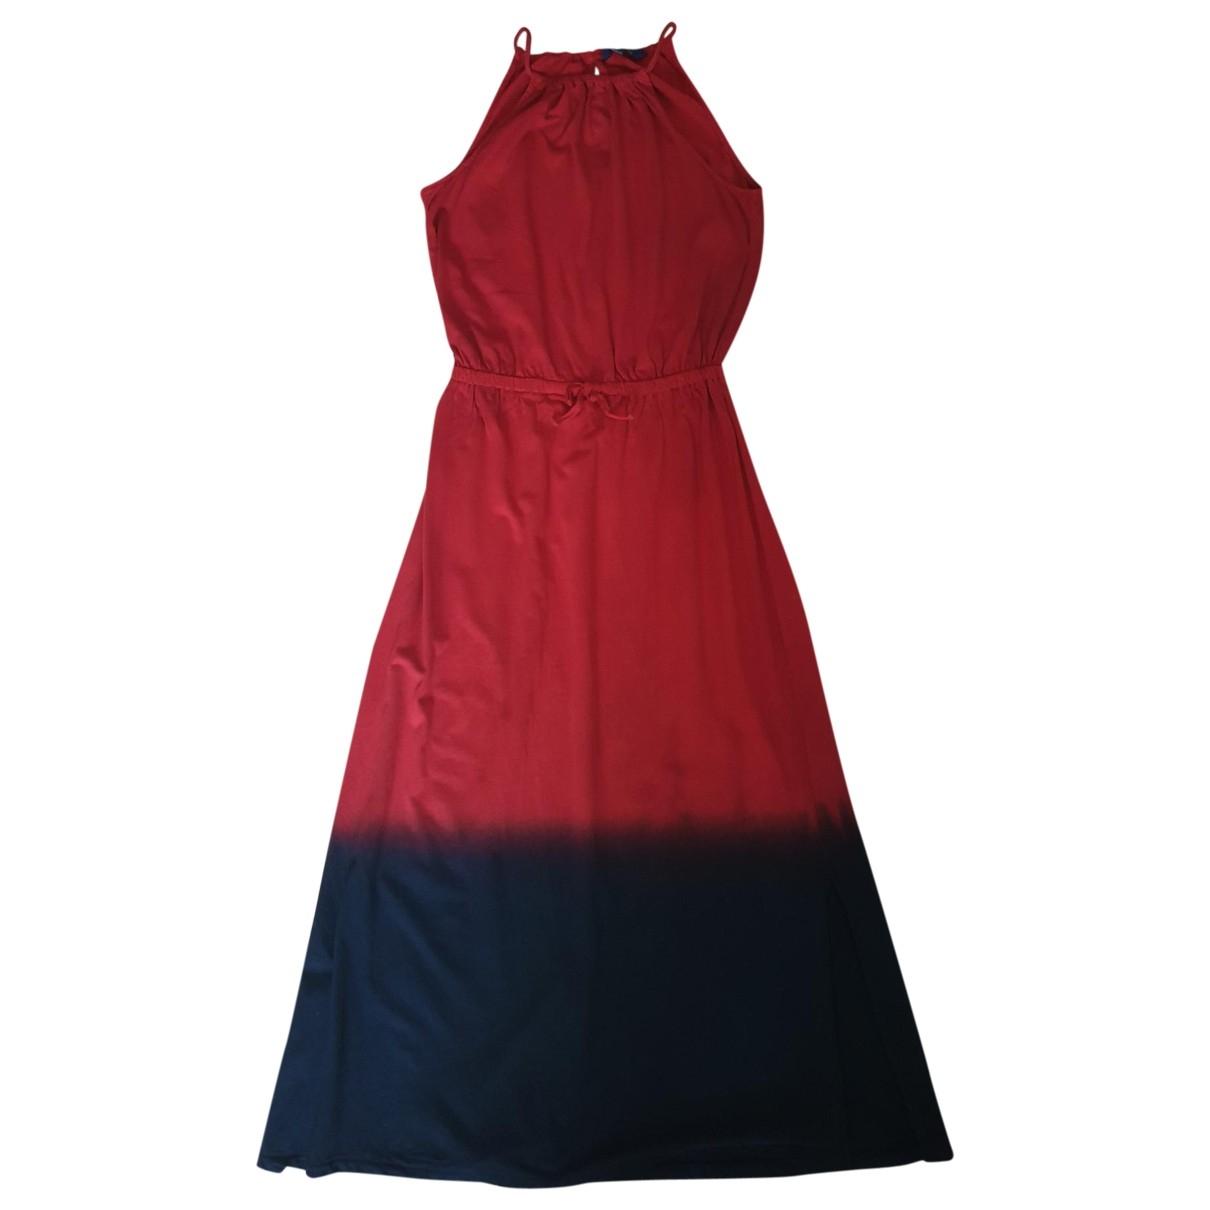 Polo Ralph Lauren \N Red Cotton dress for Women L International